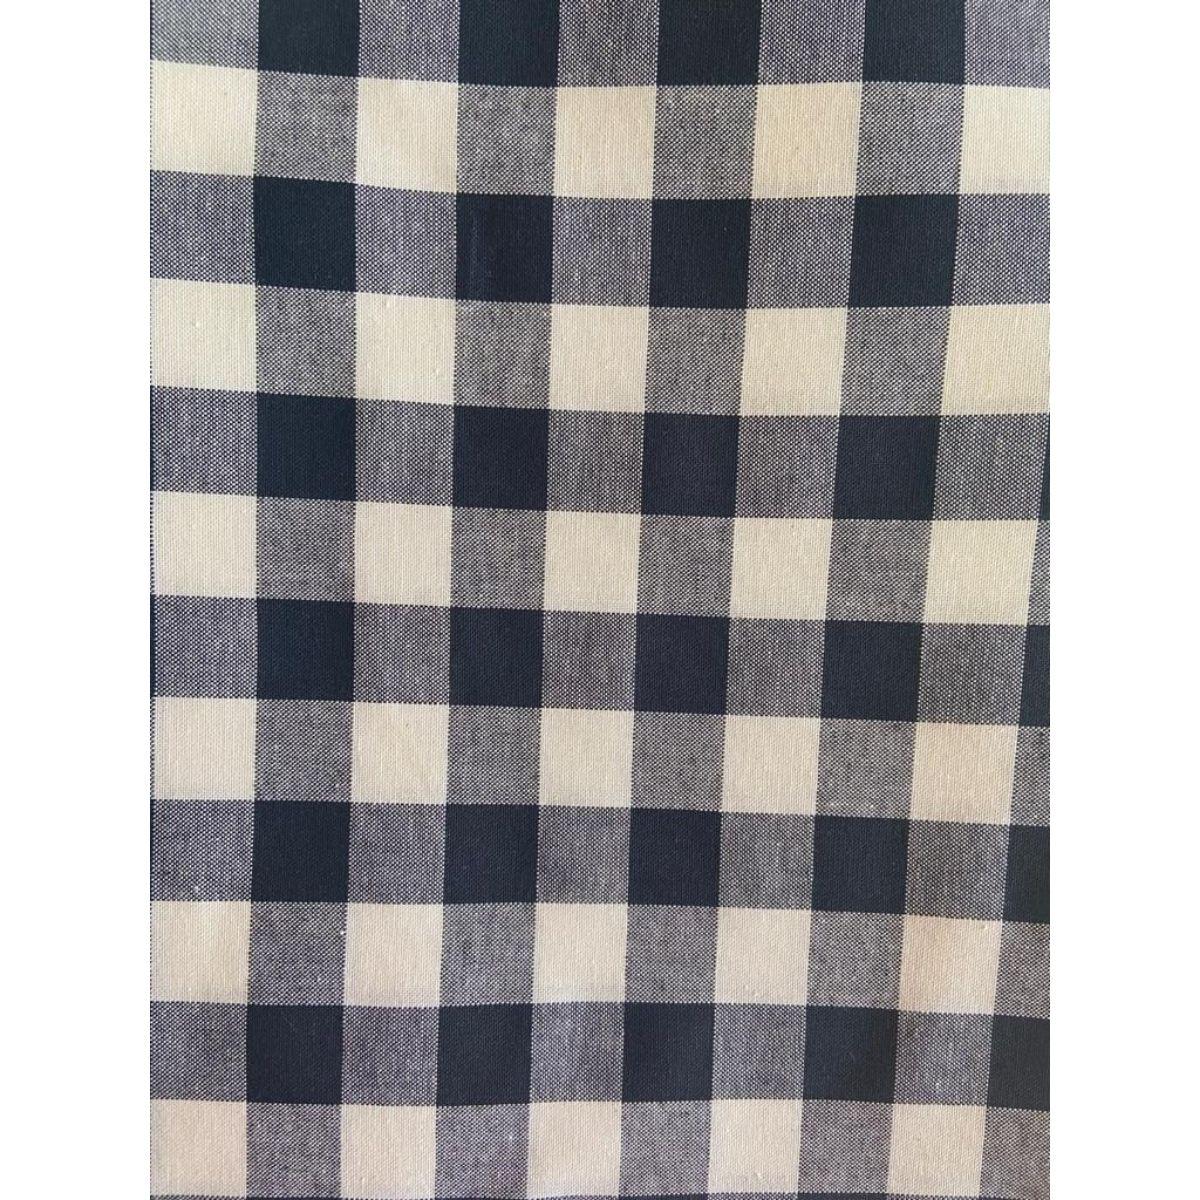 Tecido Oxfordine 100% Algodão 0,50 cm x 1,50 m de Largura - Xadrez Fio Tinto